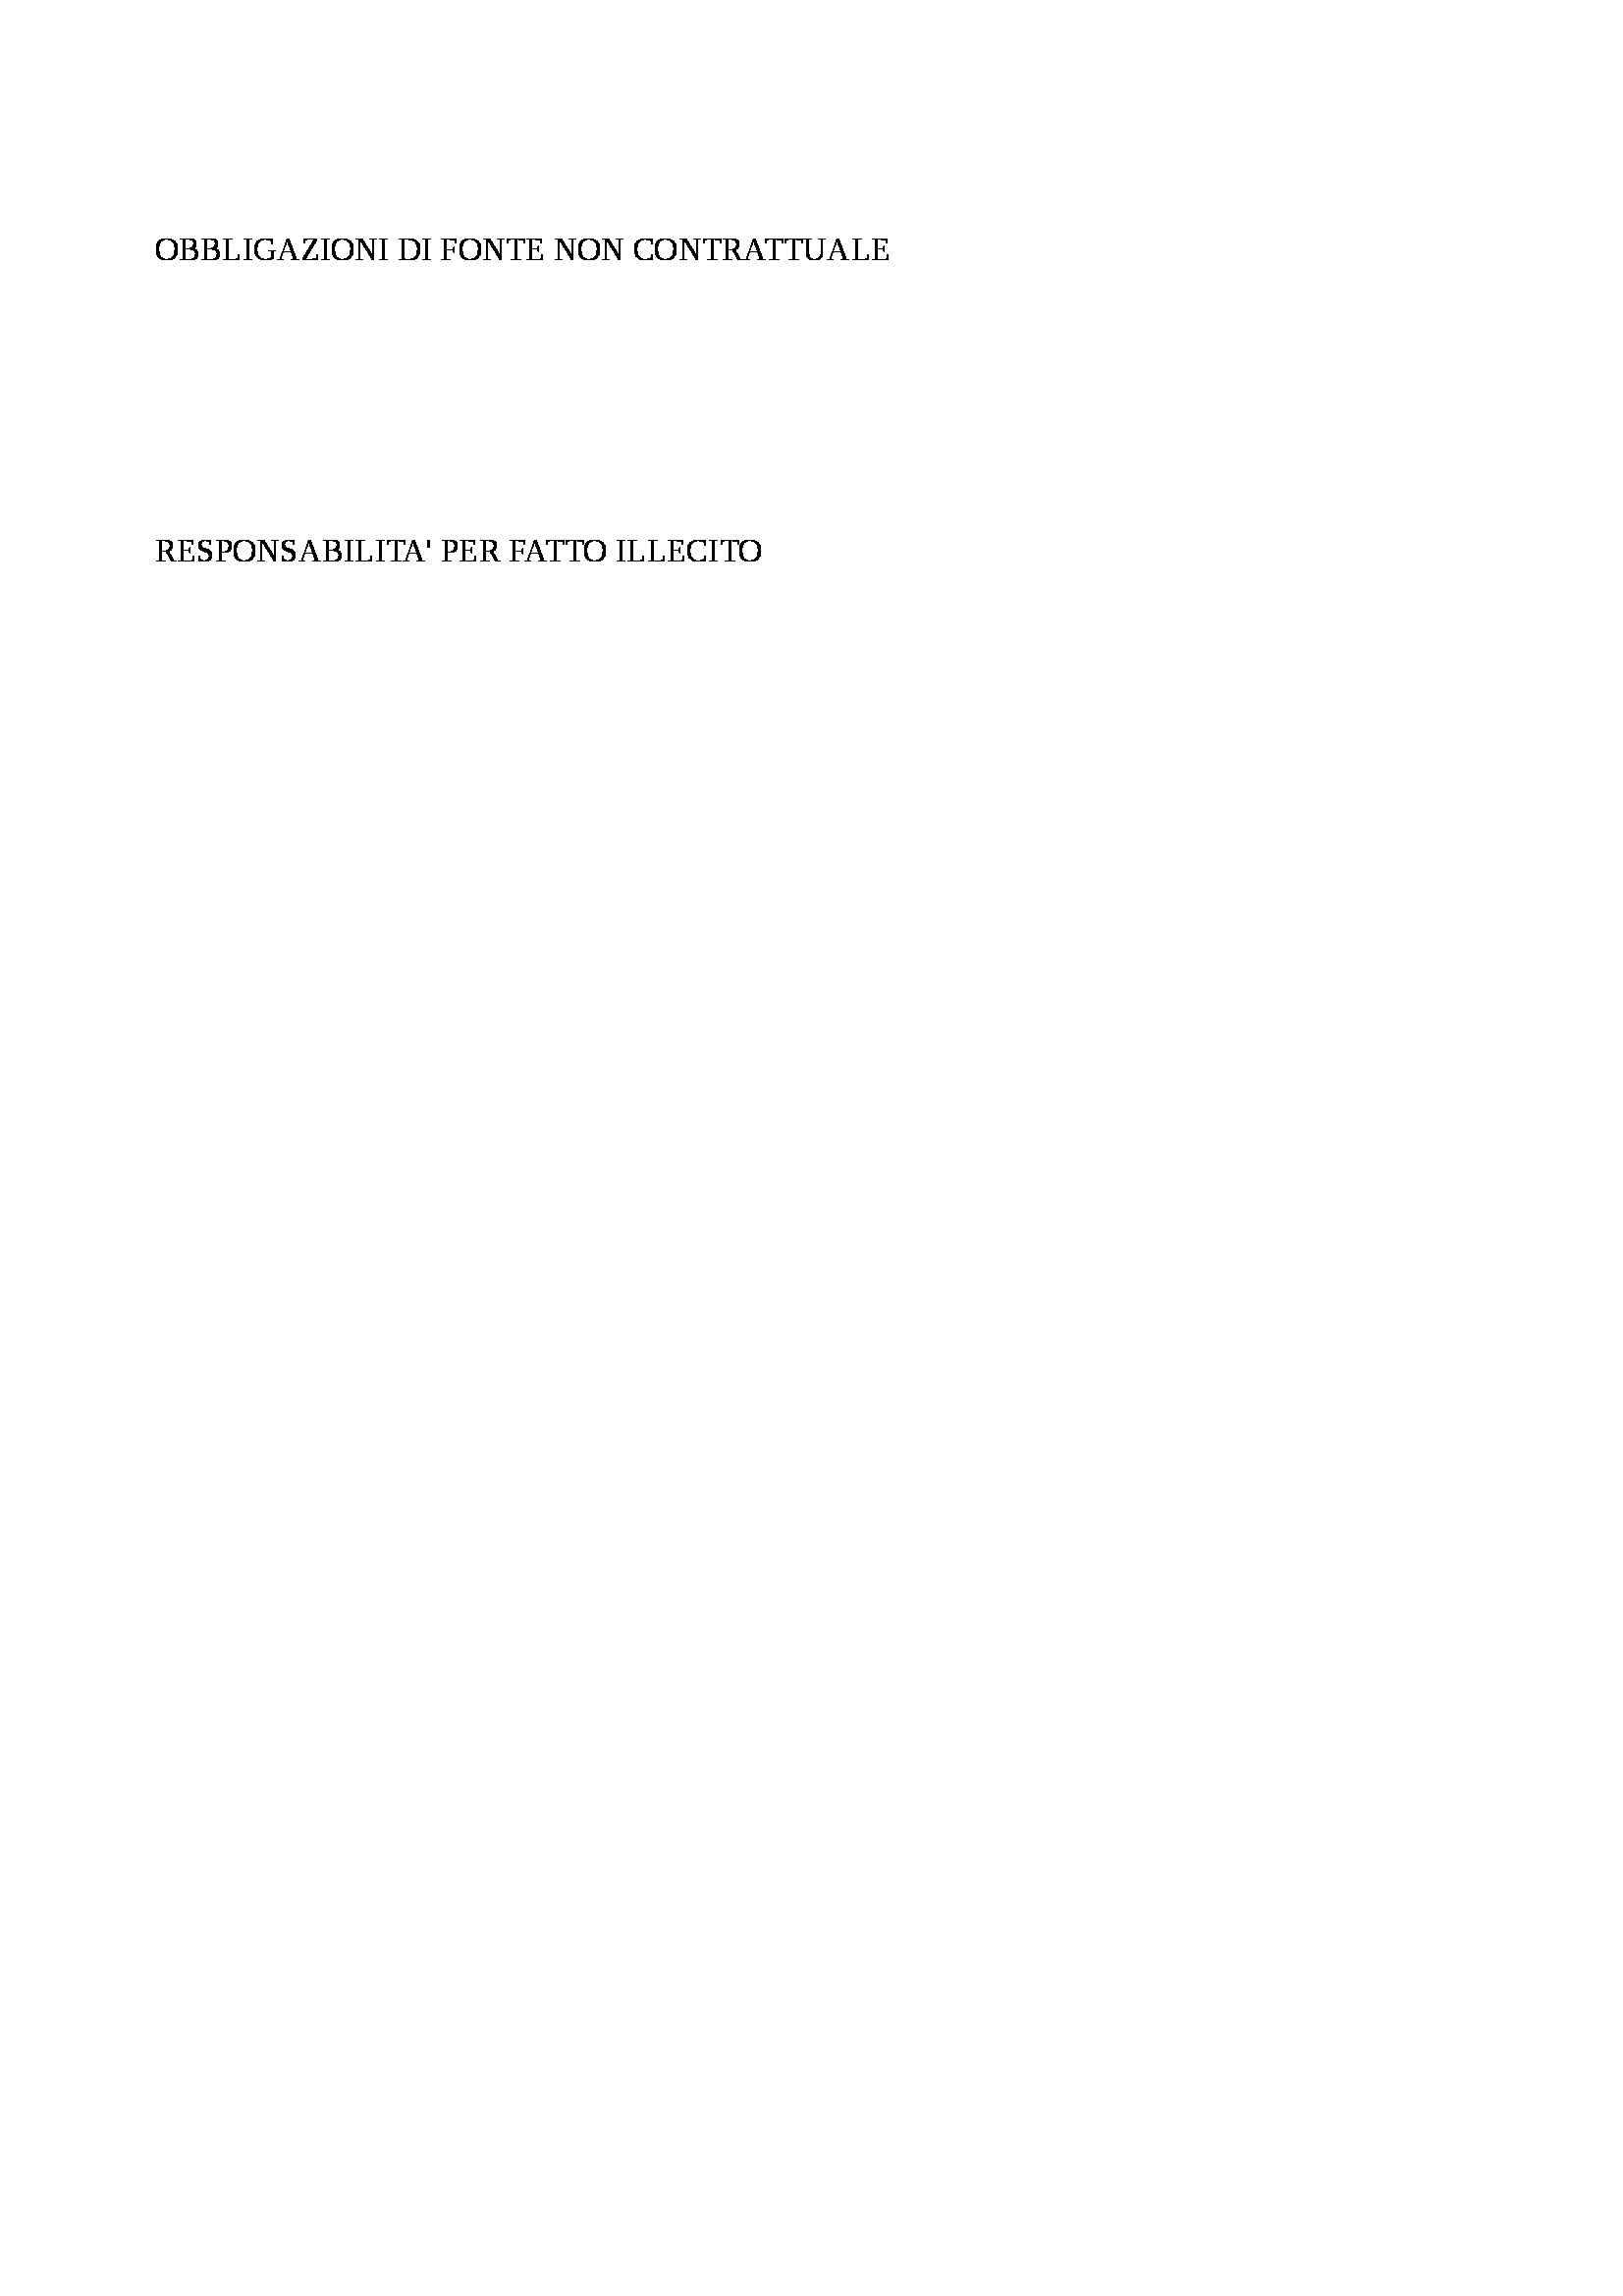 Diritto privato - Obbligazioni Pag. 11